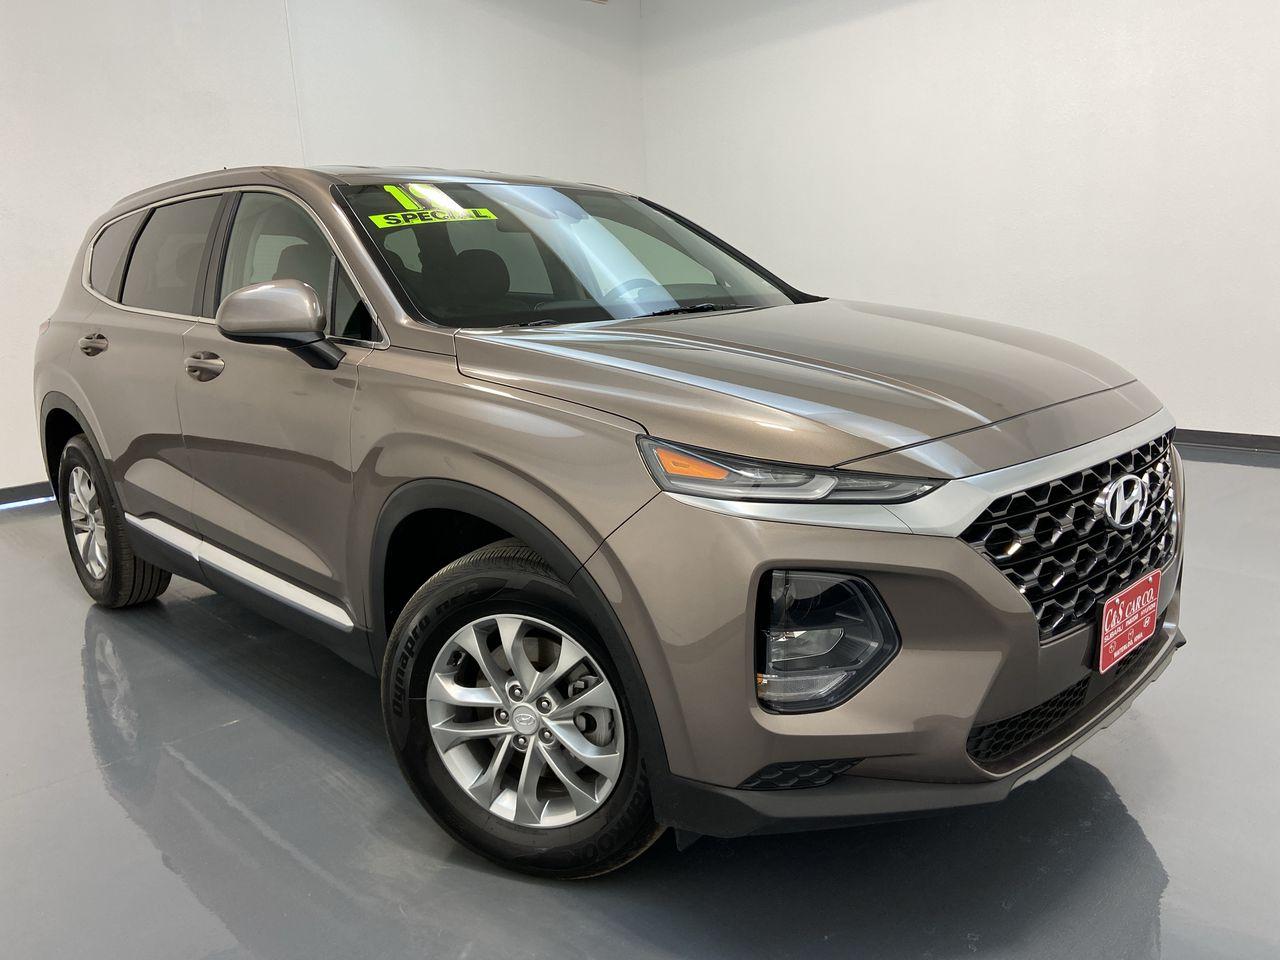 2019 Hyundai Santa Fe 4D SUV AWD  - 16391  - C & S Car Company